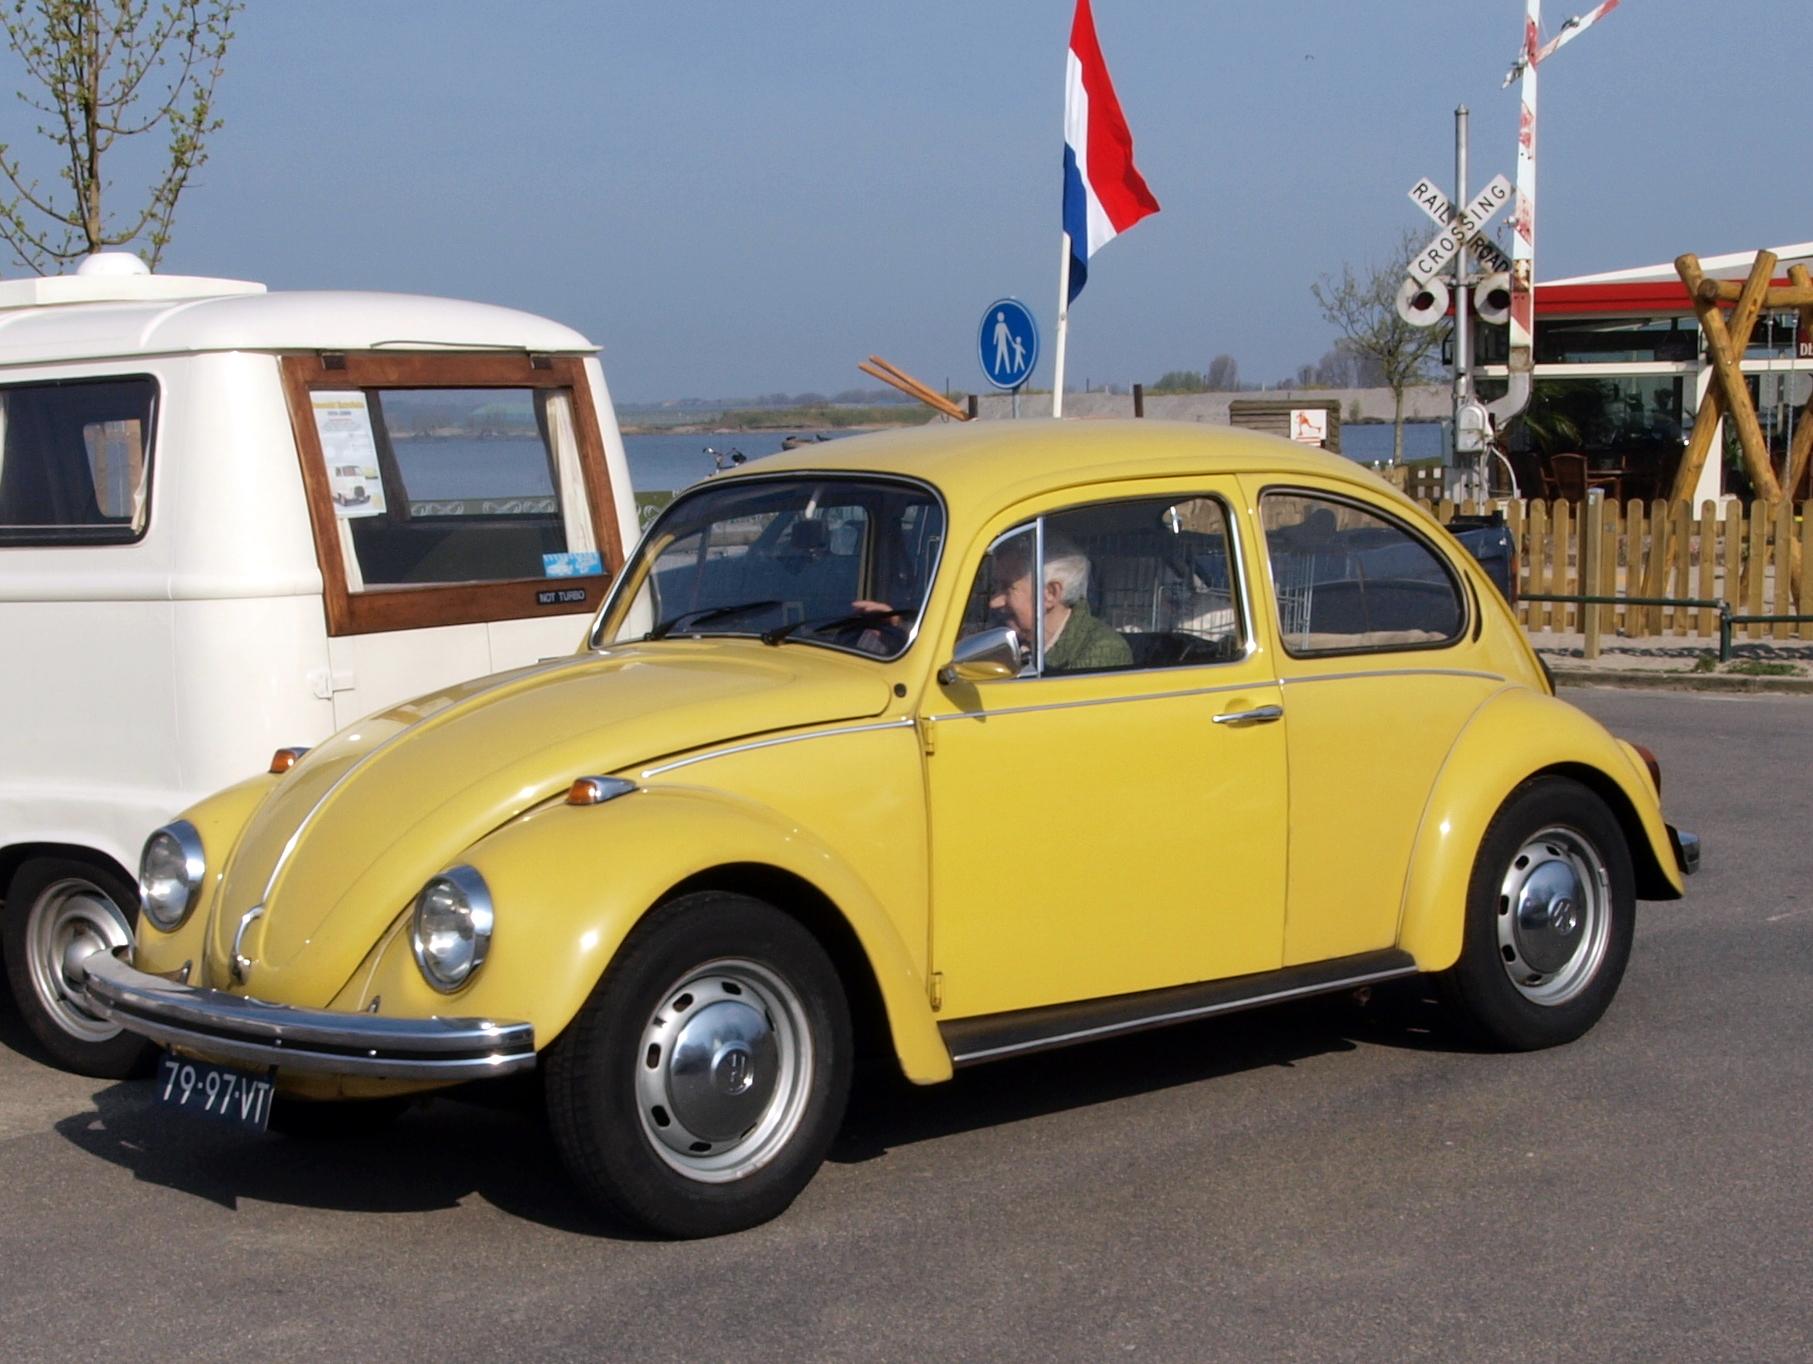 Volkswagen_Kever_%28Beetle%29_%281973%29